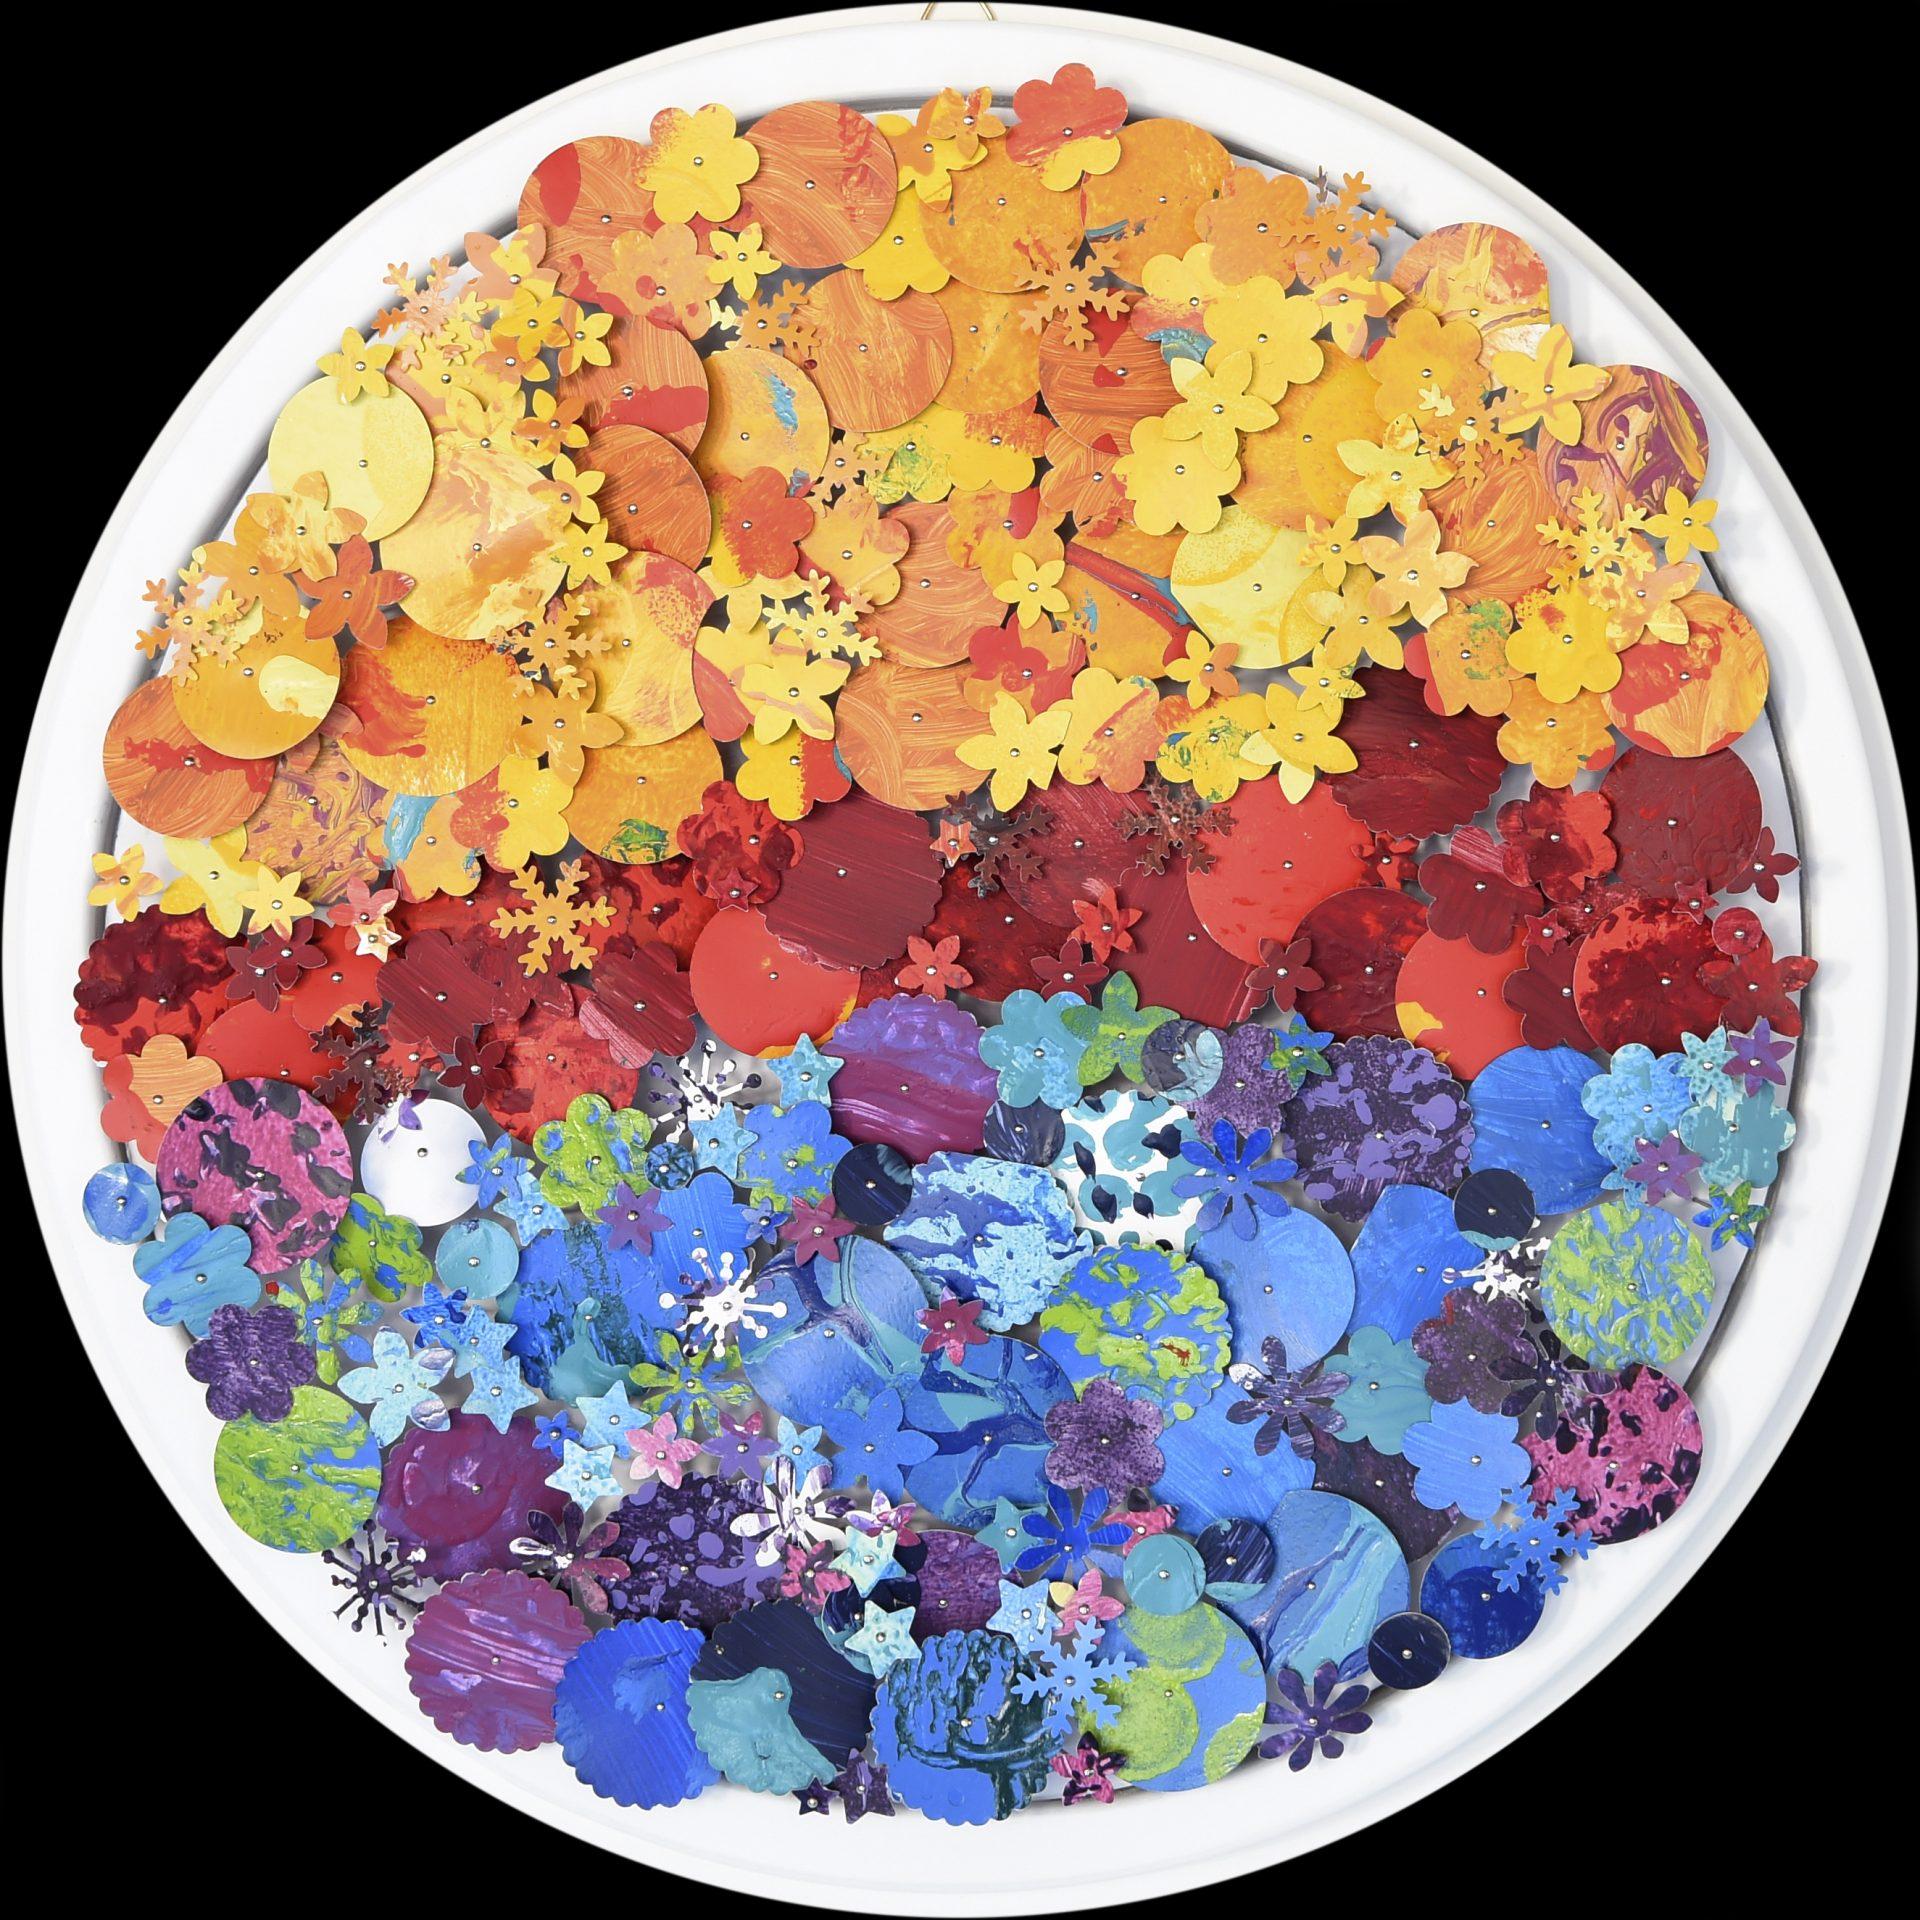 Aggregazioni molecolari e piccole storie della natura - Particolare<br>MLTT07#01<br>misure: Ø 34 cm<br>tecnica: tasselli in pvc dipinti a acrilico su poliplat<br>anno: 2017<br><br>DISPONIBILE